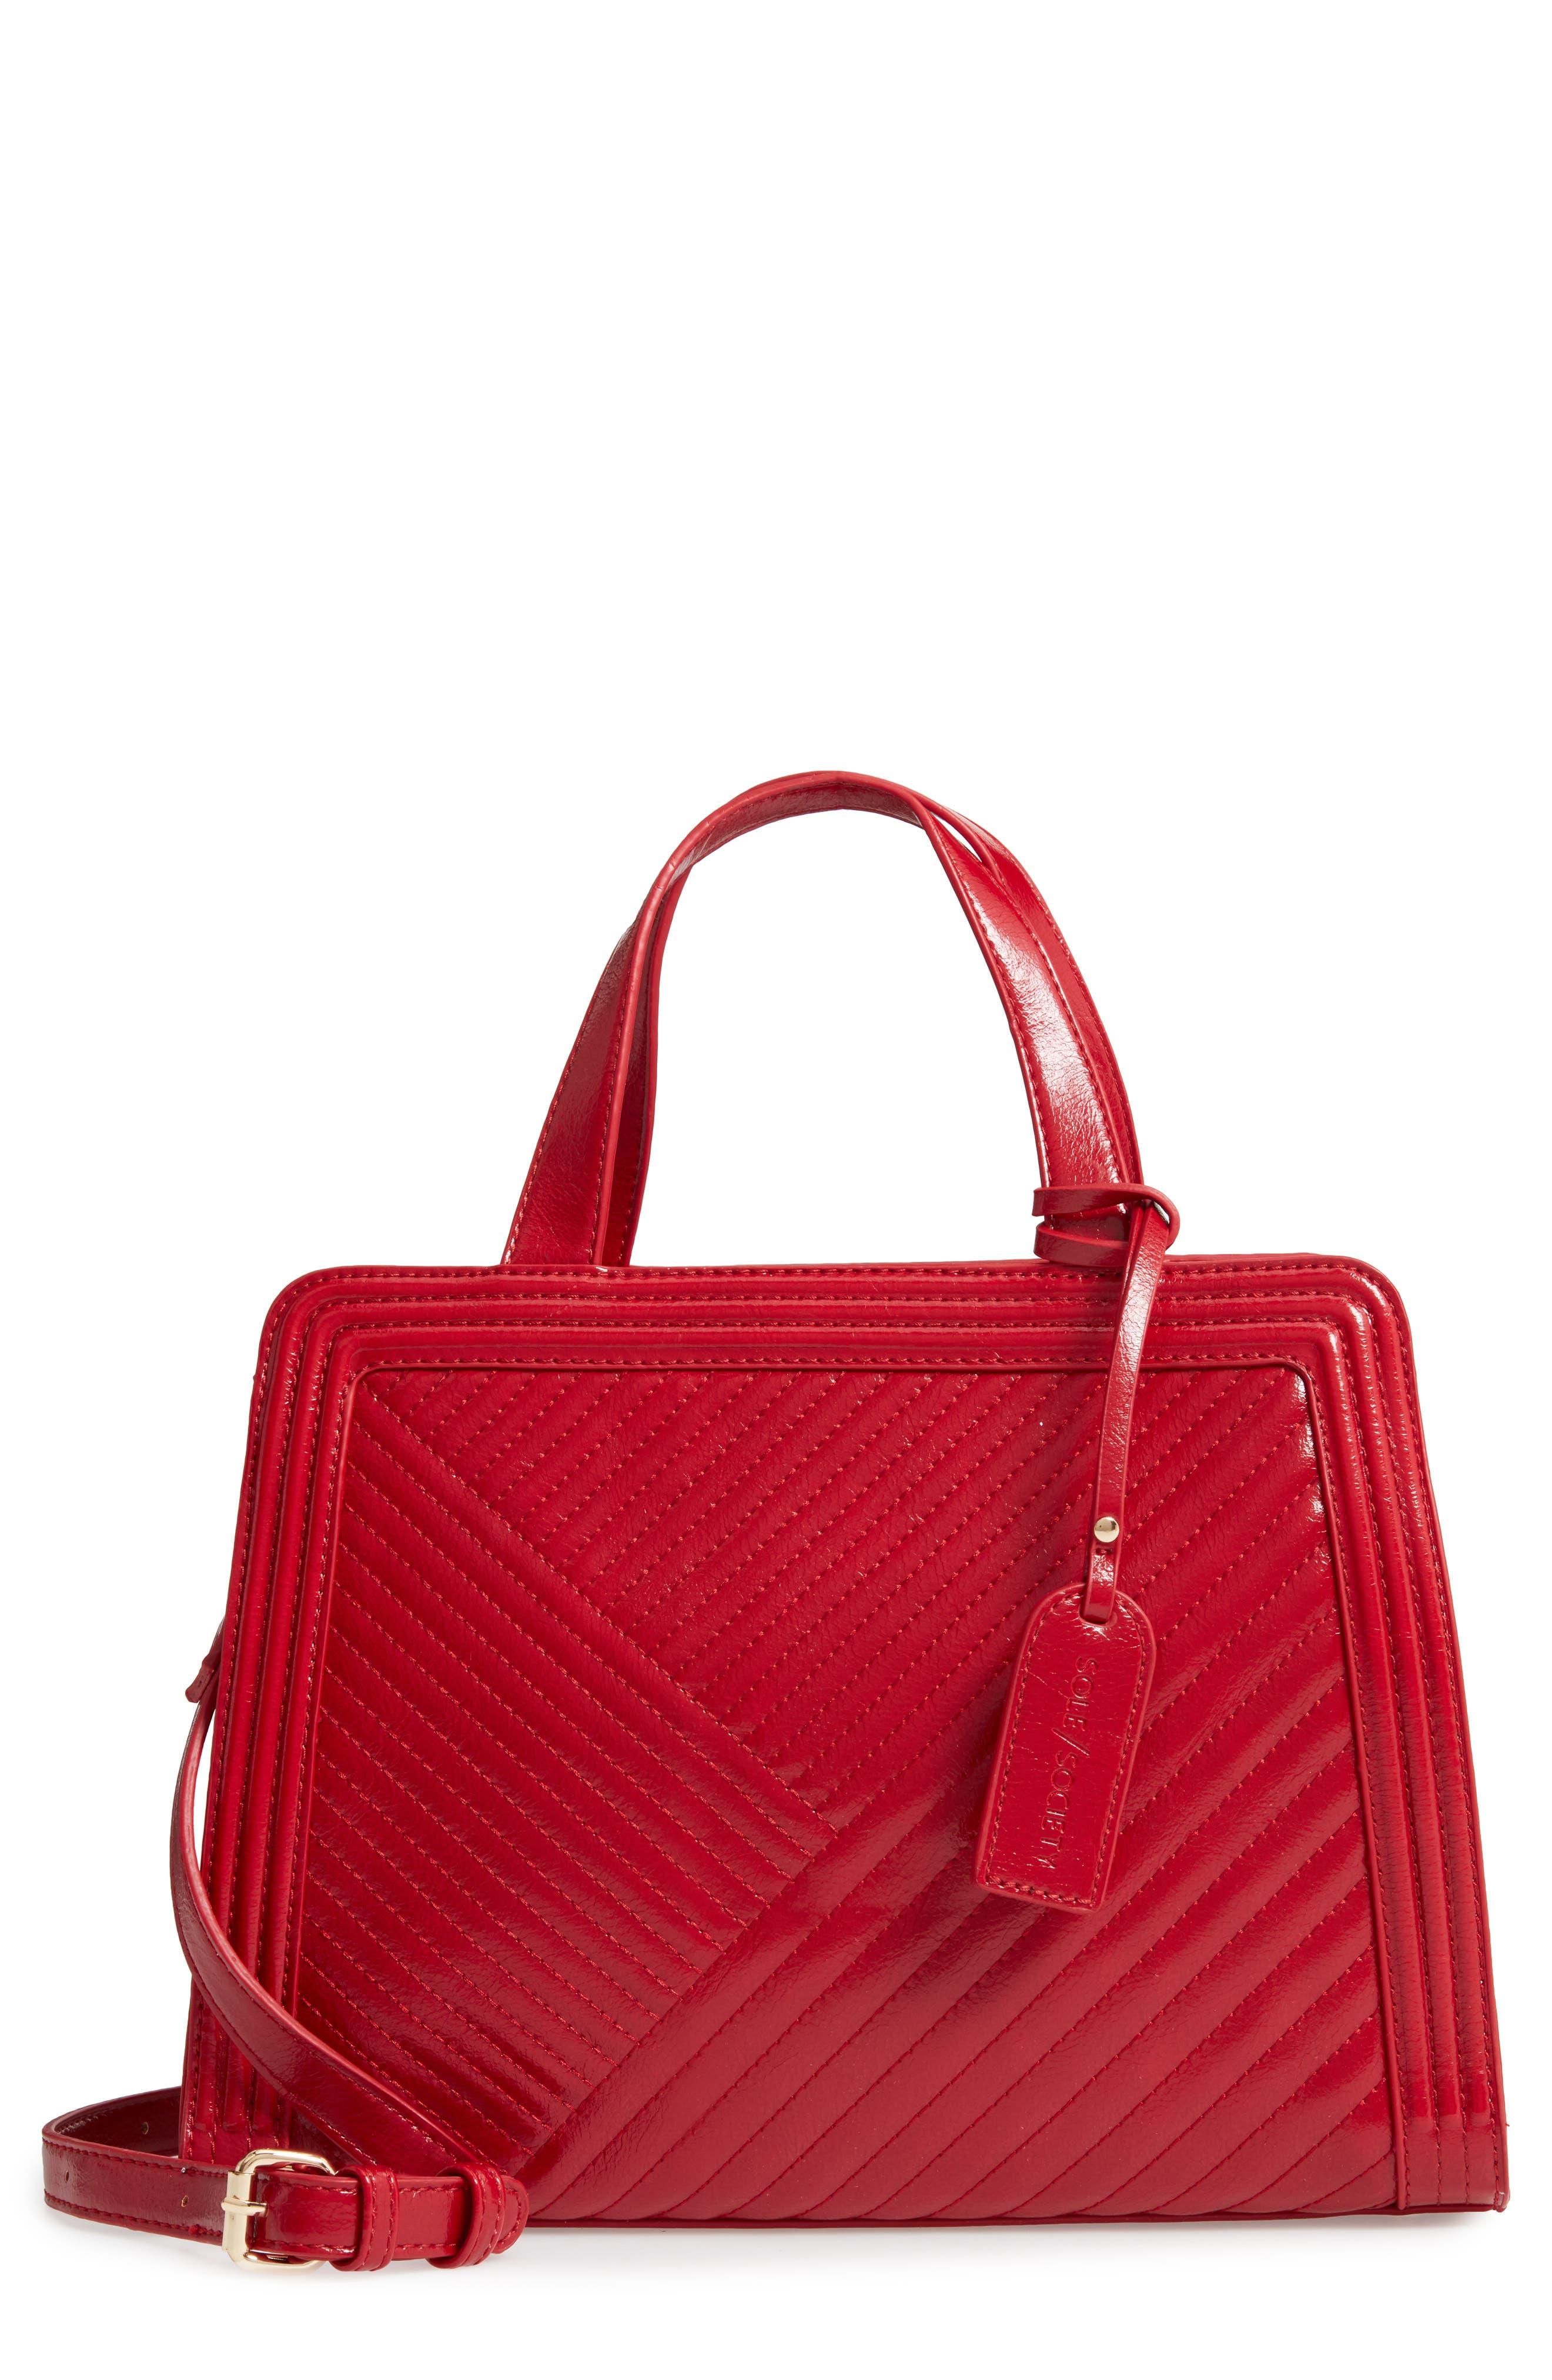 Aisln Faux Leather Satchel,                             Main thumbnail 1, color,                             RED